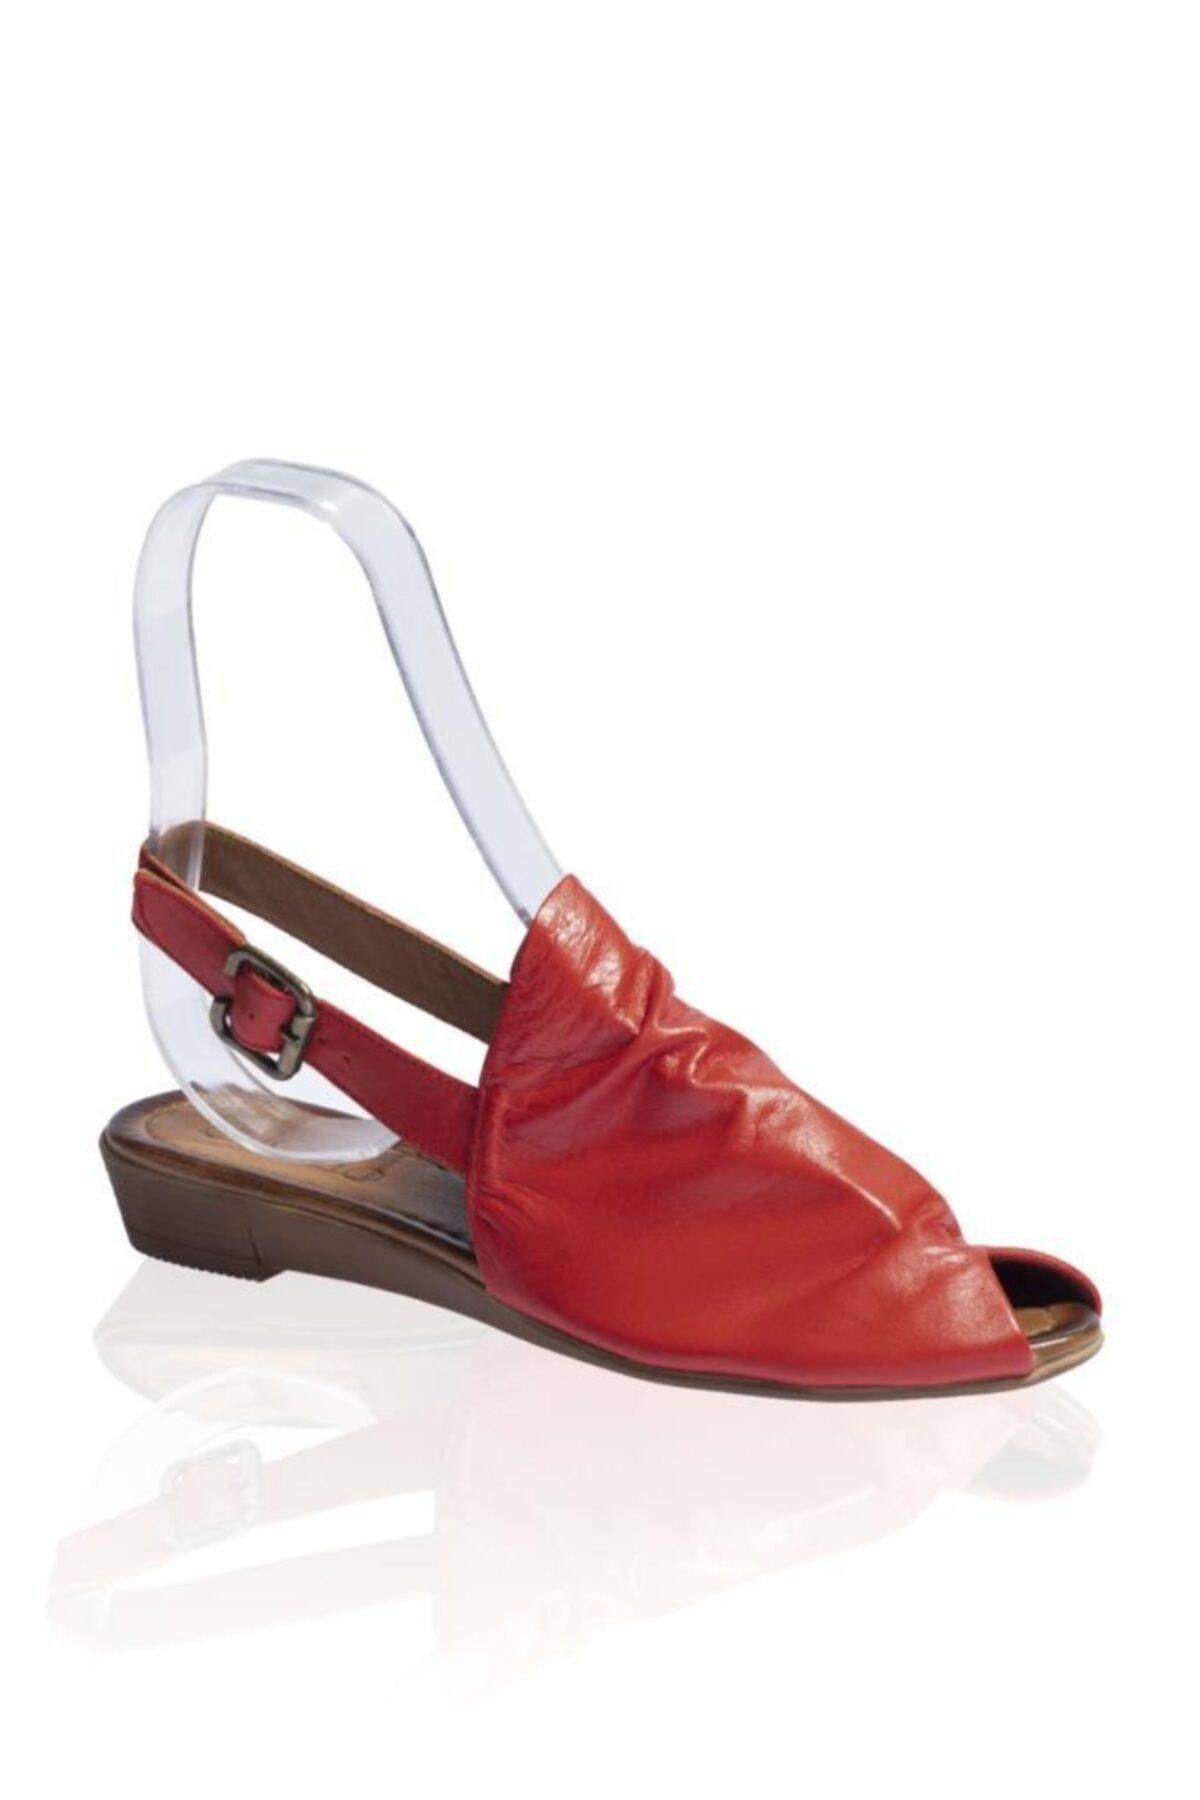 BUENO Shoes Kemerli Hakiki Deri Kadın Düz Sandalet 9n7205 1